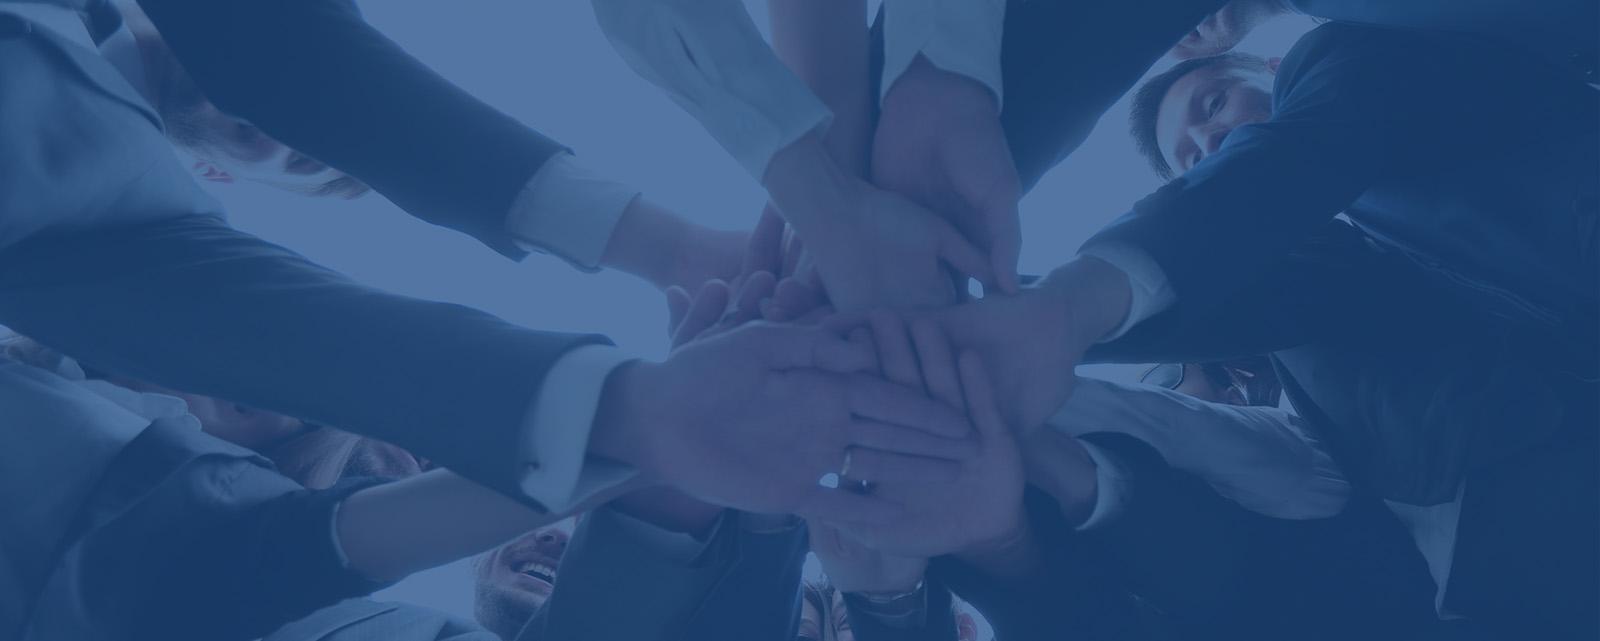 Team putting hands together